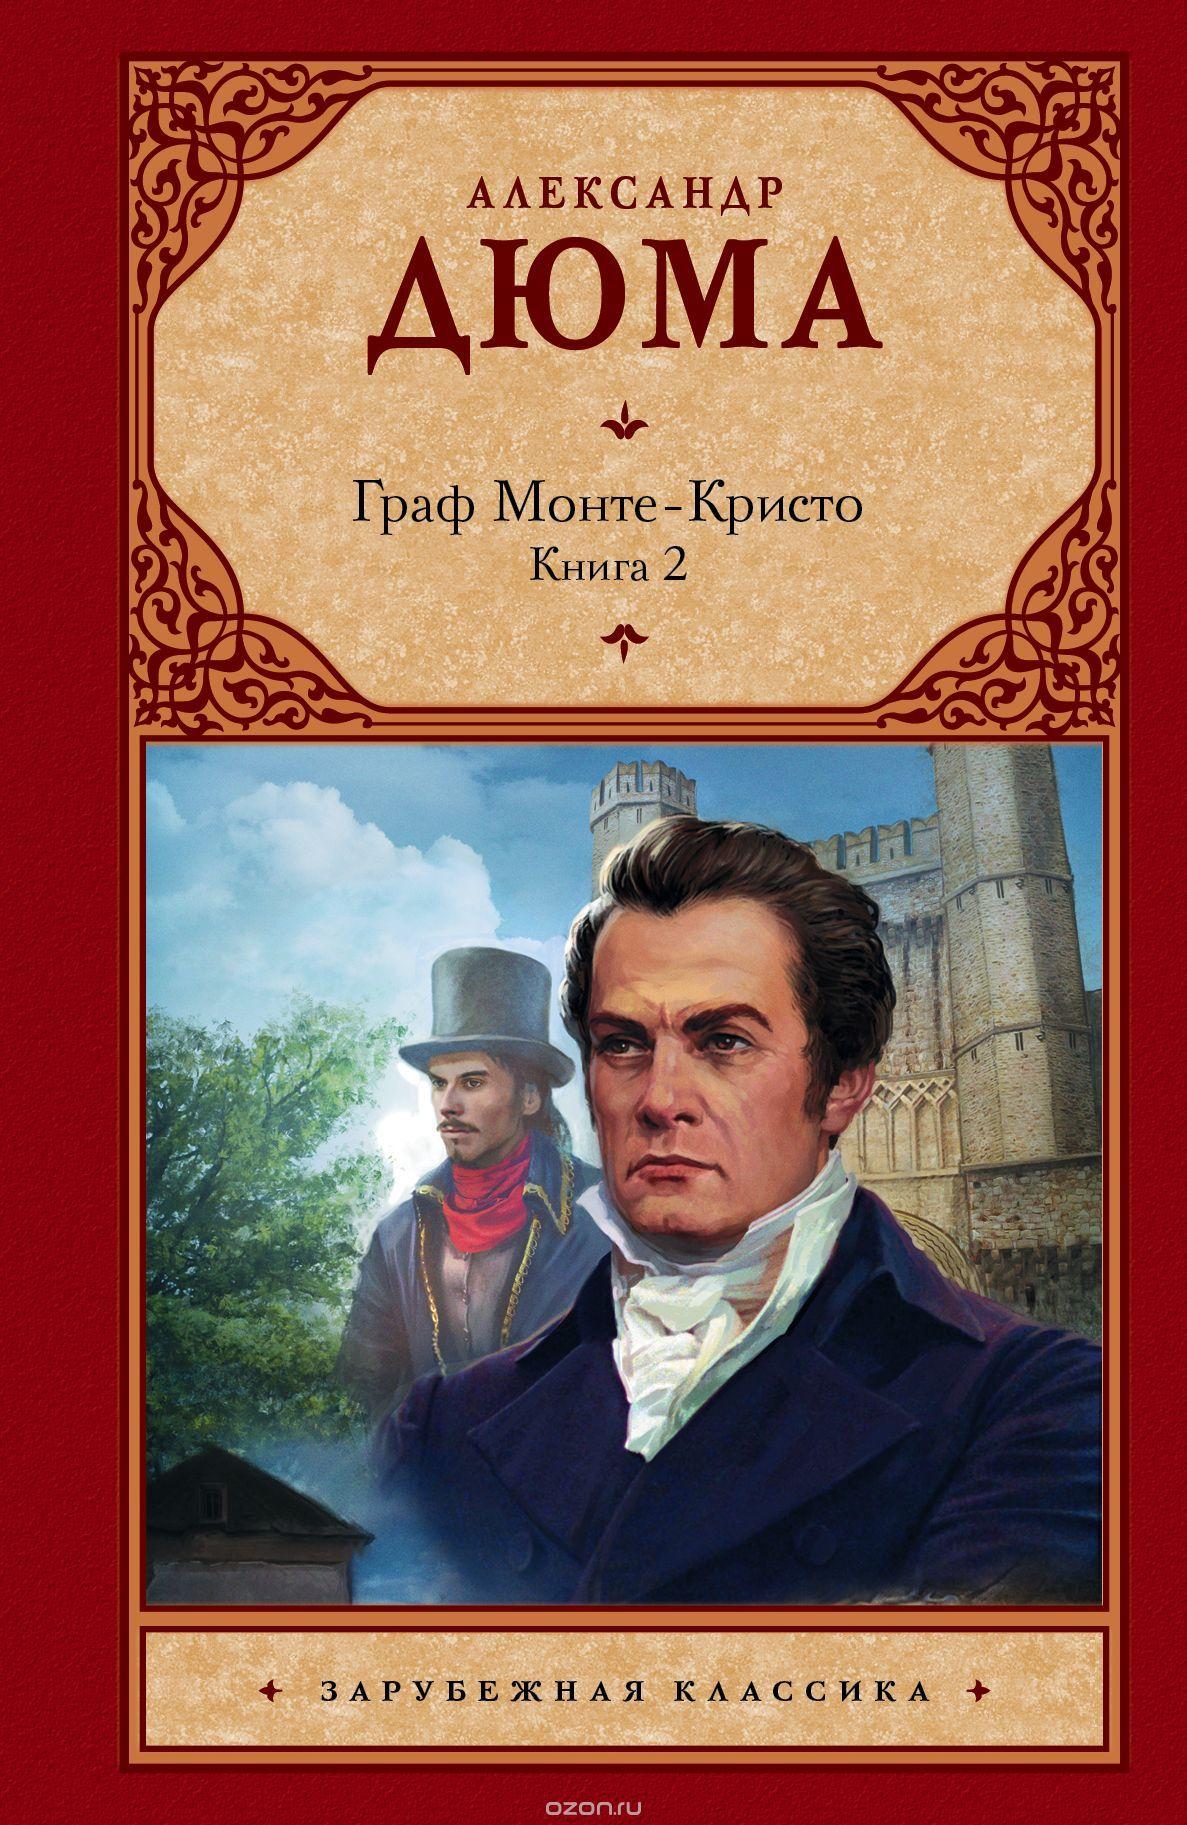 Дюма граф монте кристо скачать книгу бесплатно